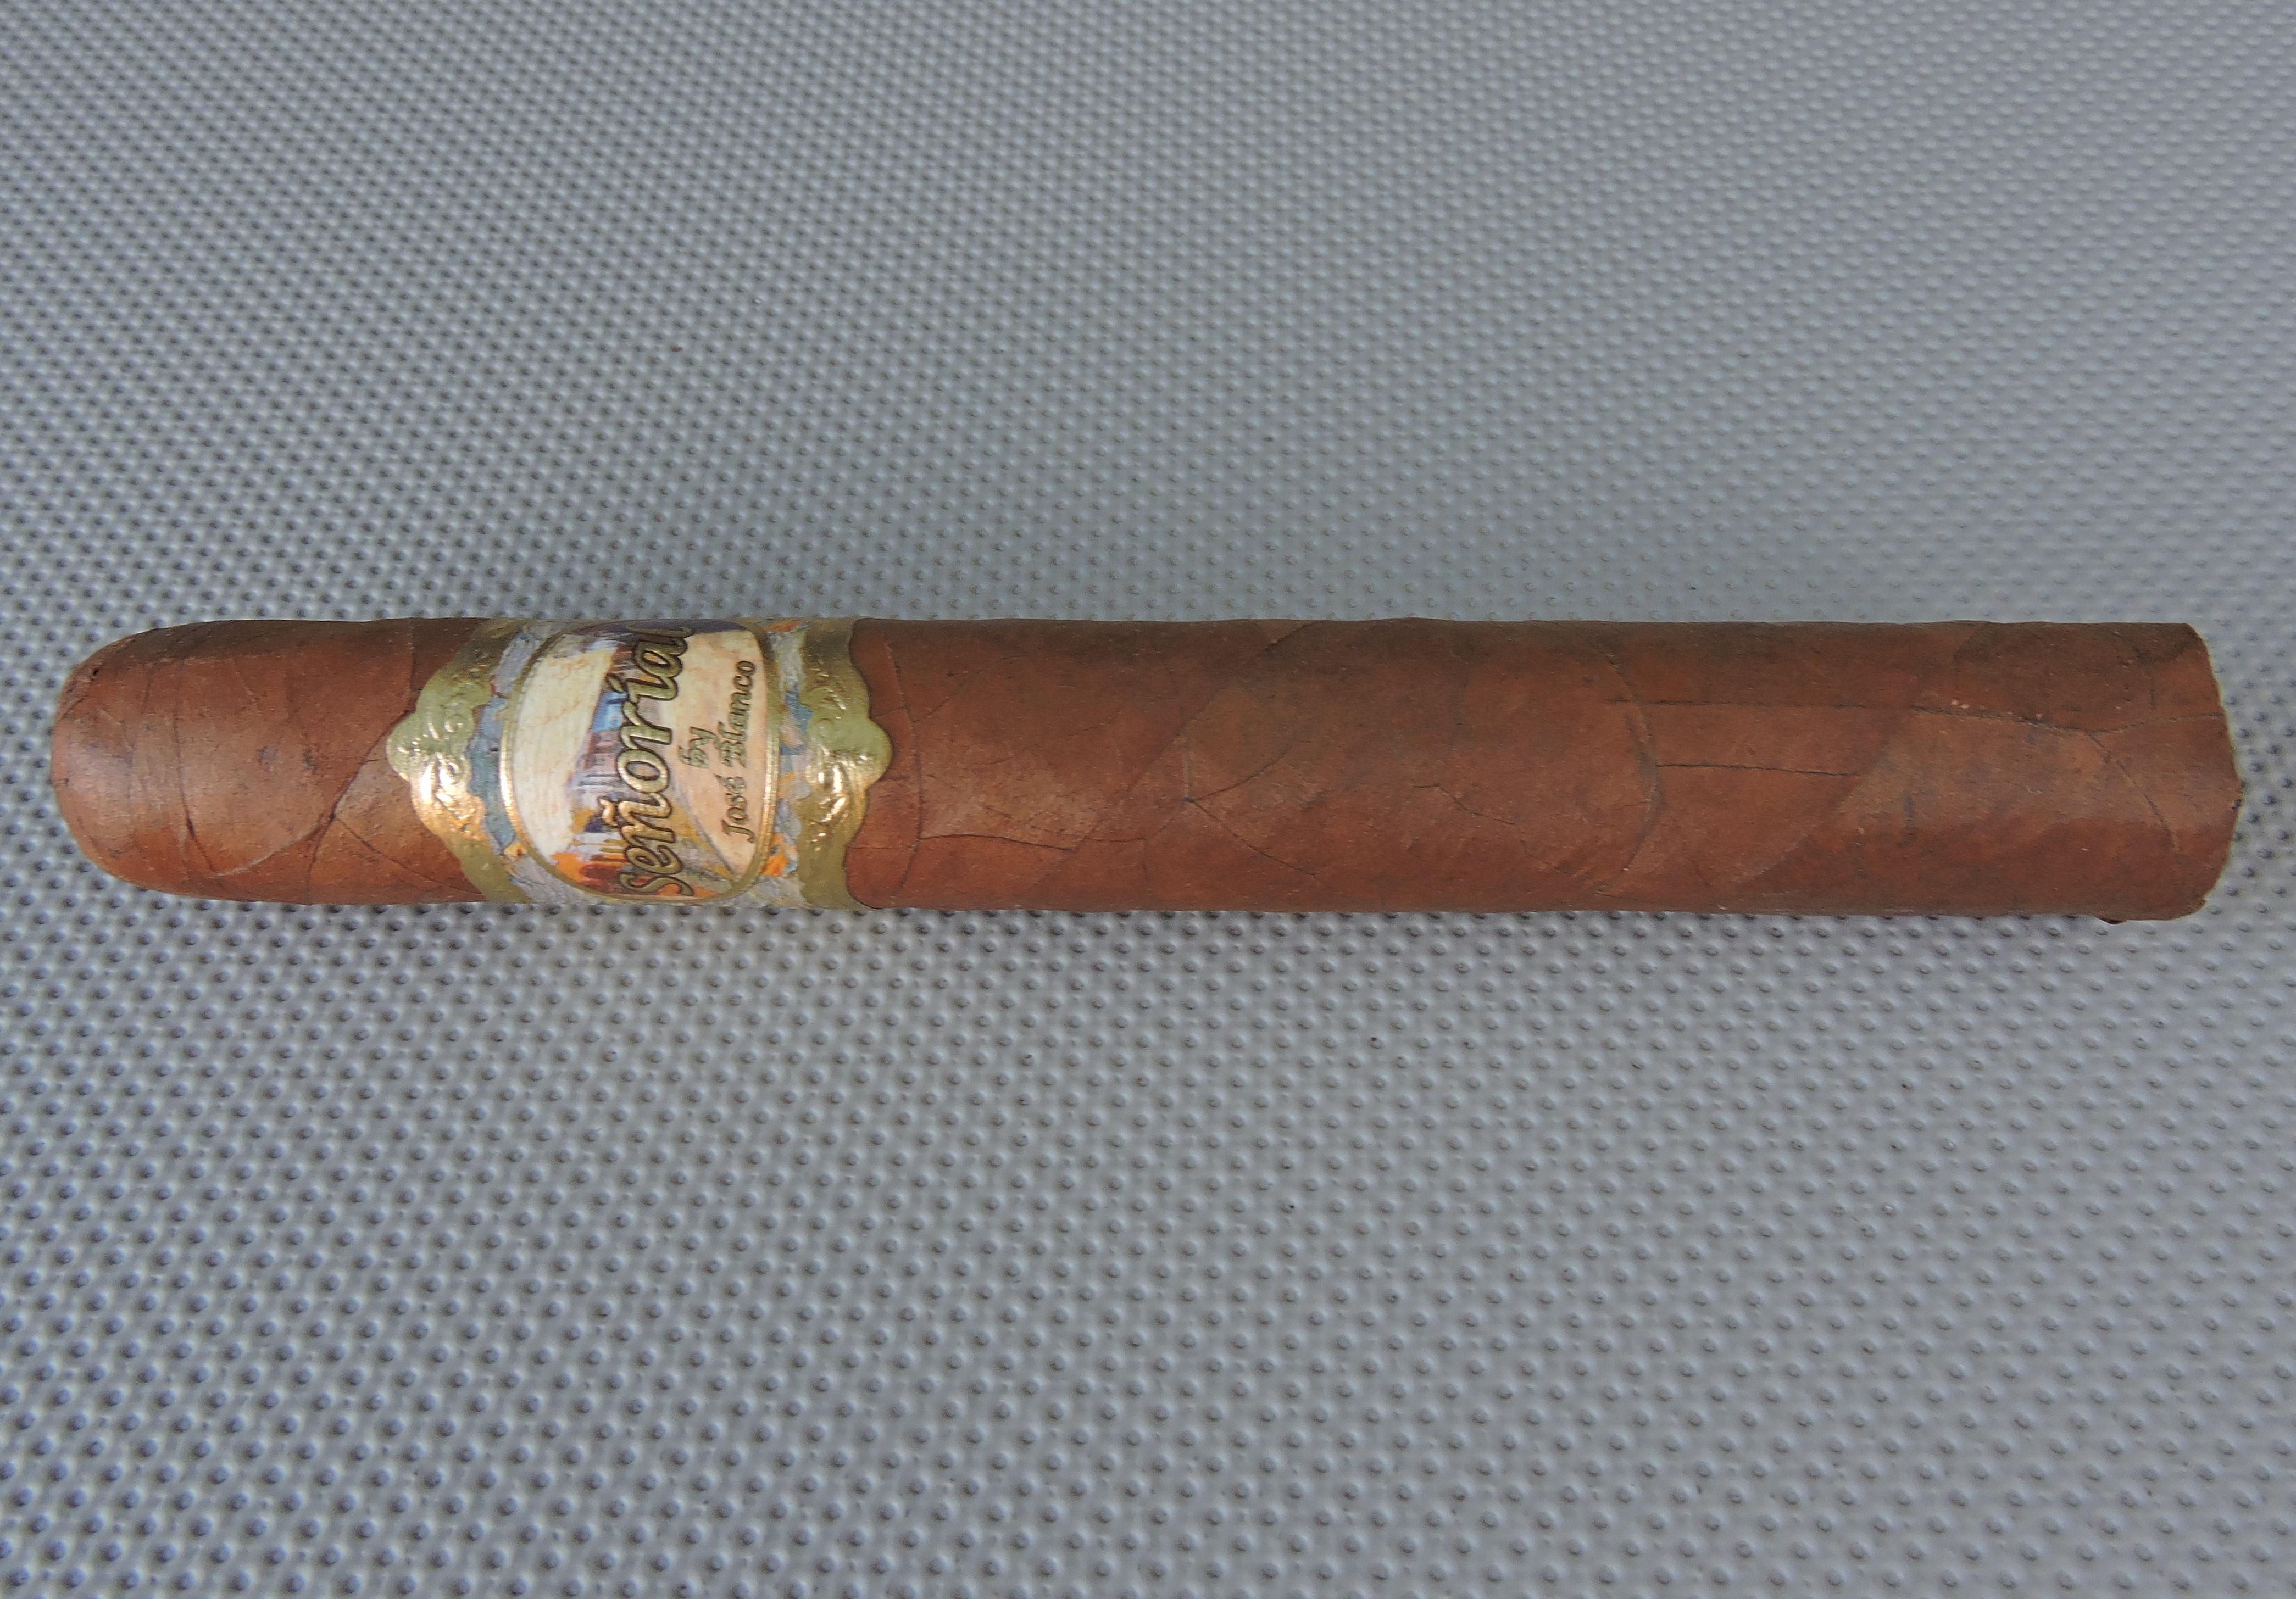 Agile Cigar Review: Las Cumbres Tabaco Señorial Toro Bravo by José Blanco